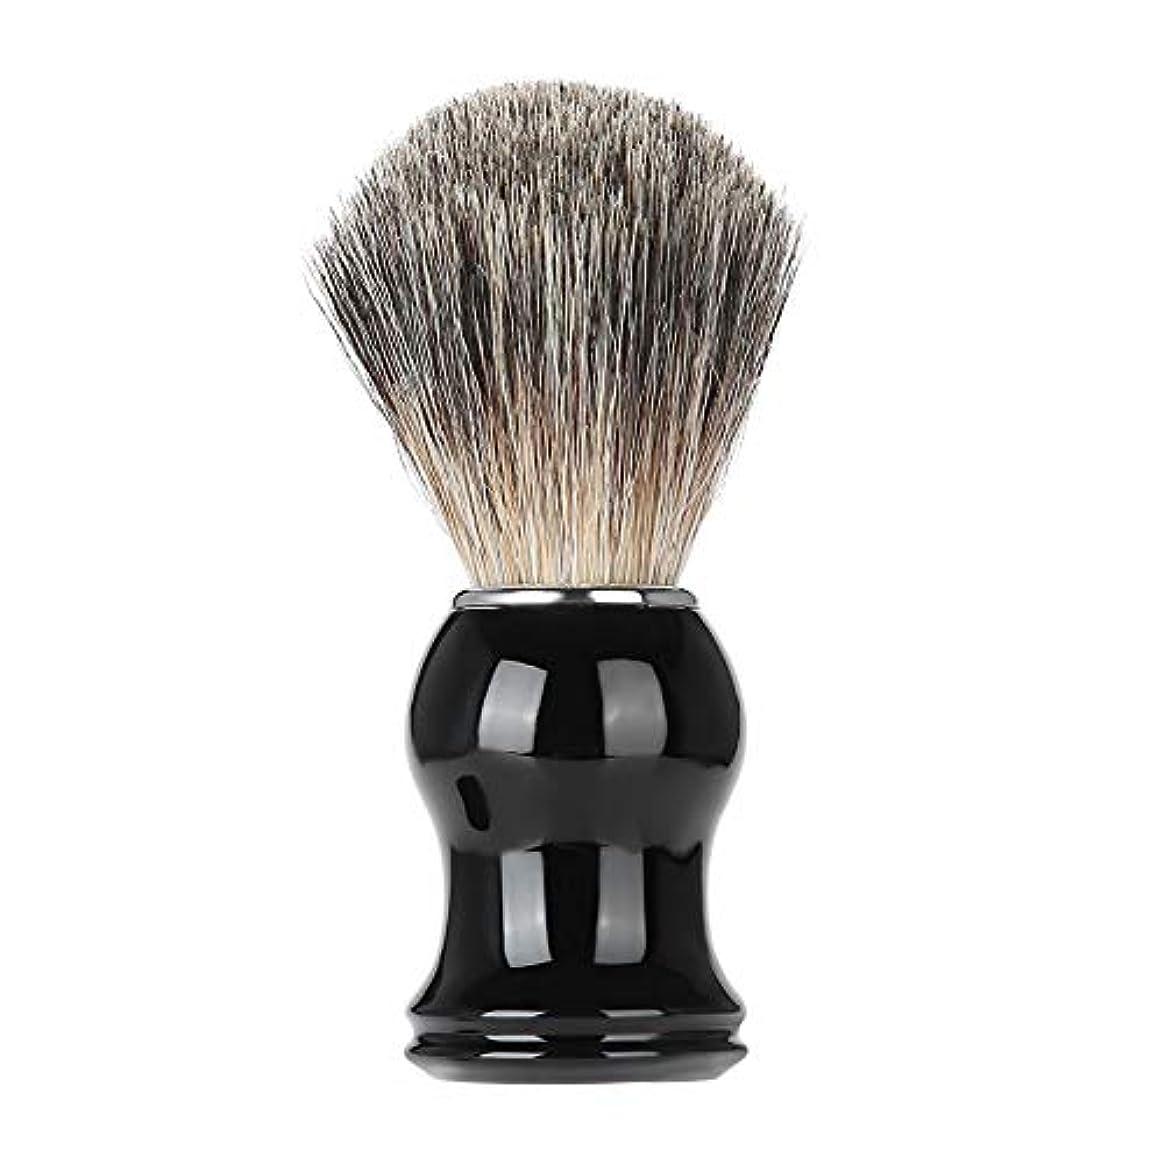 散逸永続検査シェービングブラシ男性髭口ひげ剃毛ブラシ樹脂ハンドル髭剃りツール